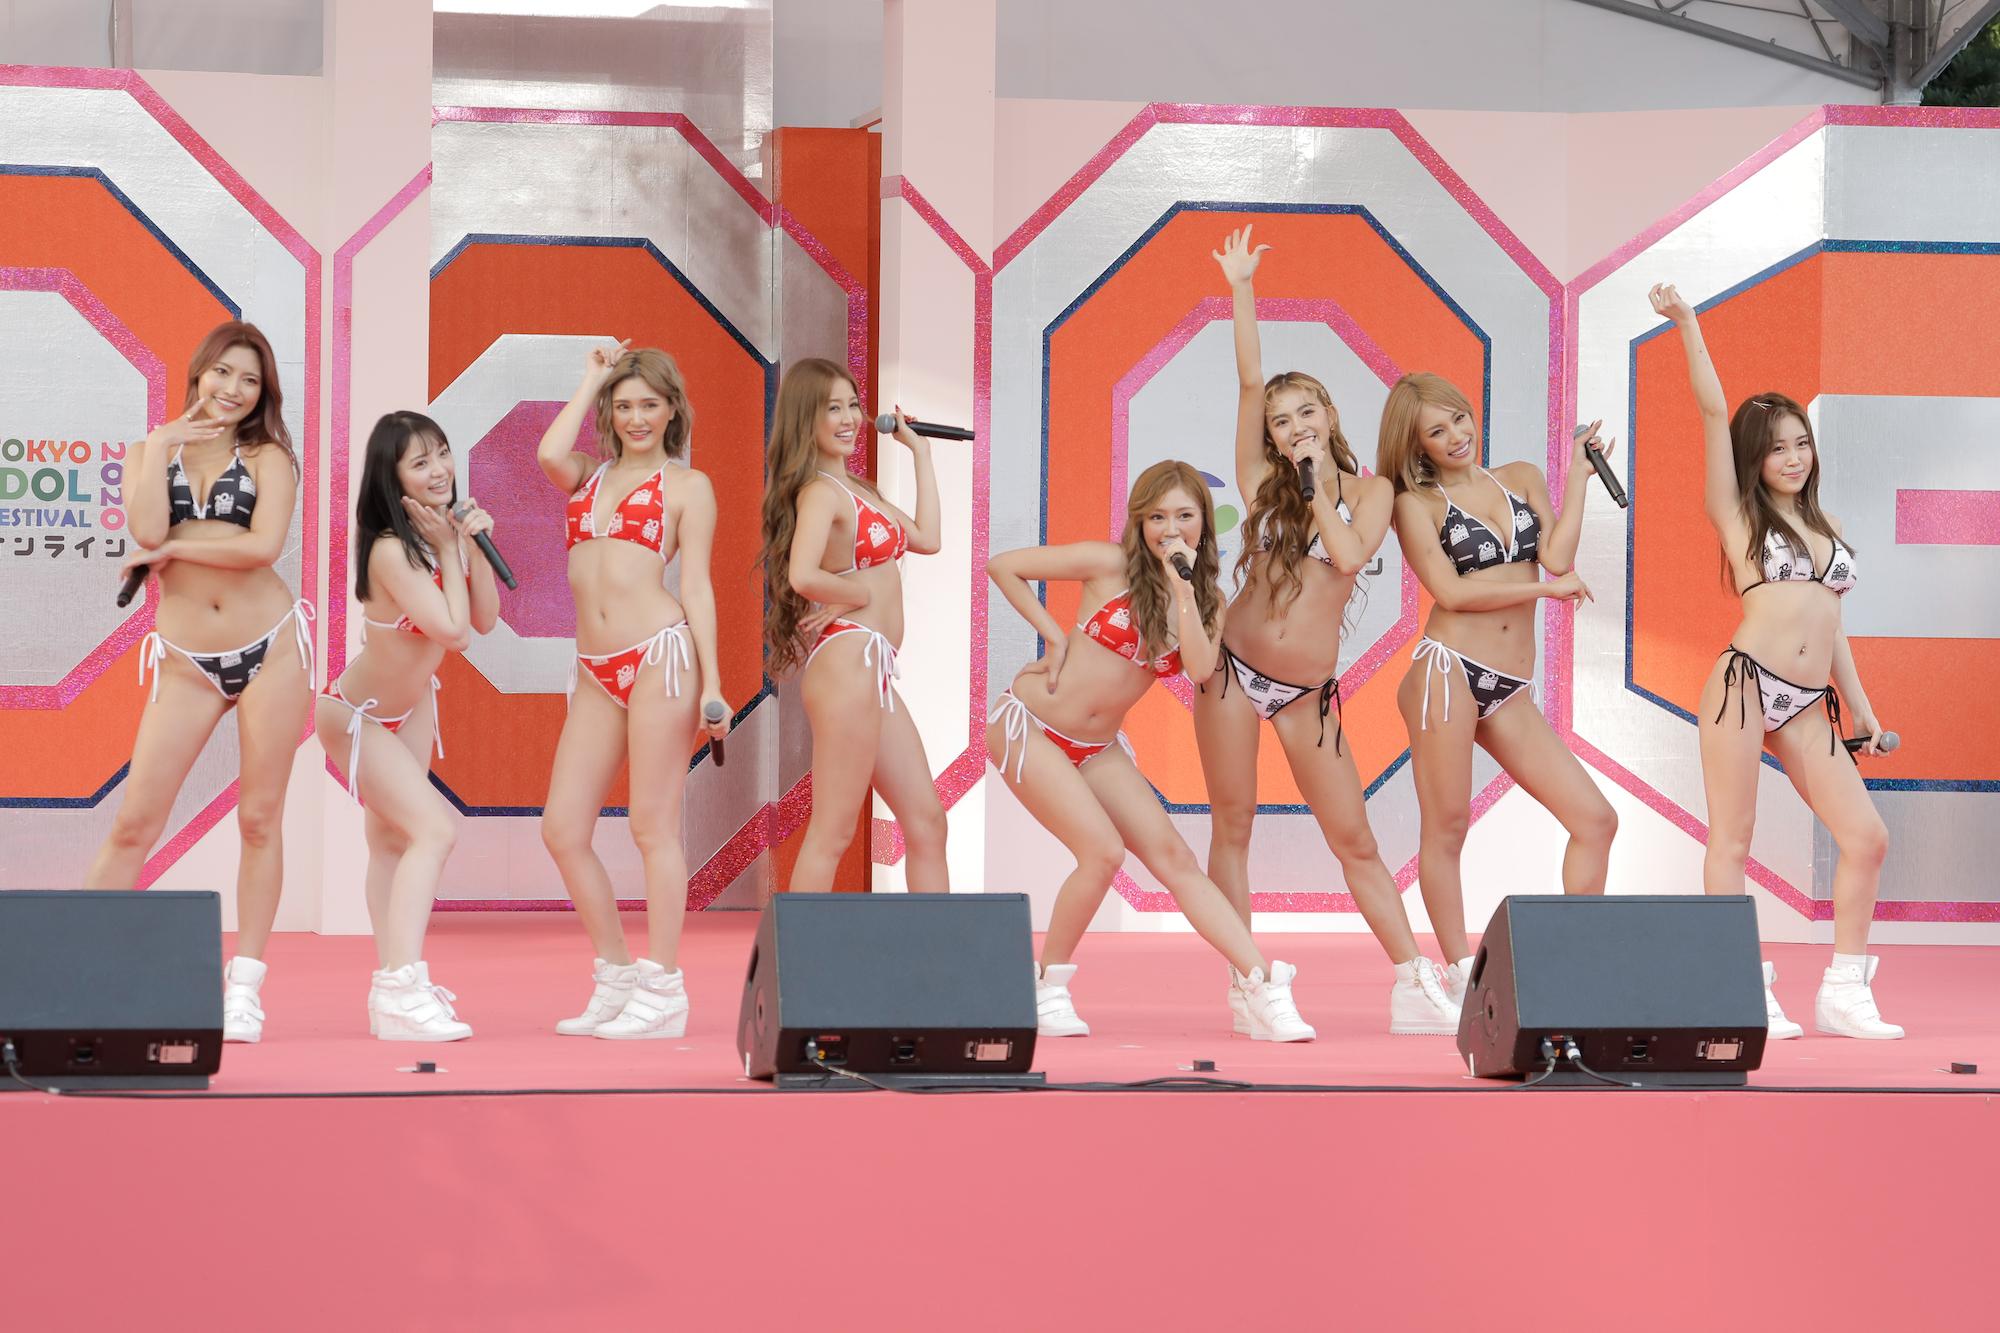 CYBERJAPAN DANCERS(サイバージャパンダンサーズ)/『TOKYO IDOL FESTIVAL オンライン 2020』(TIF)にて。撮影:VENUS PRESS編集部